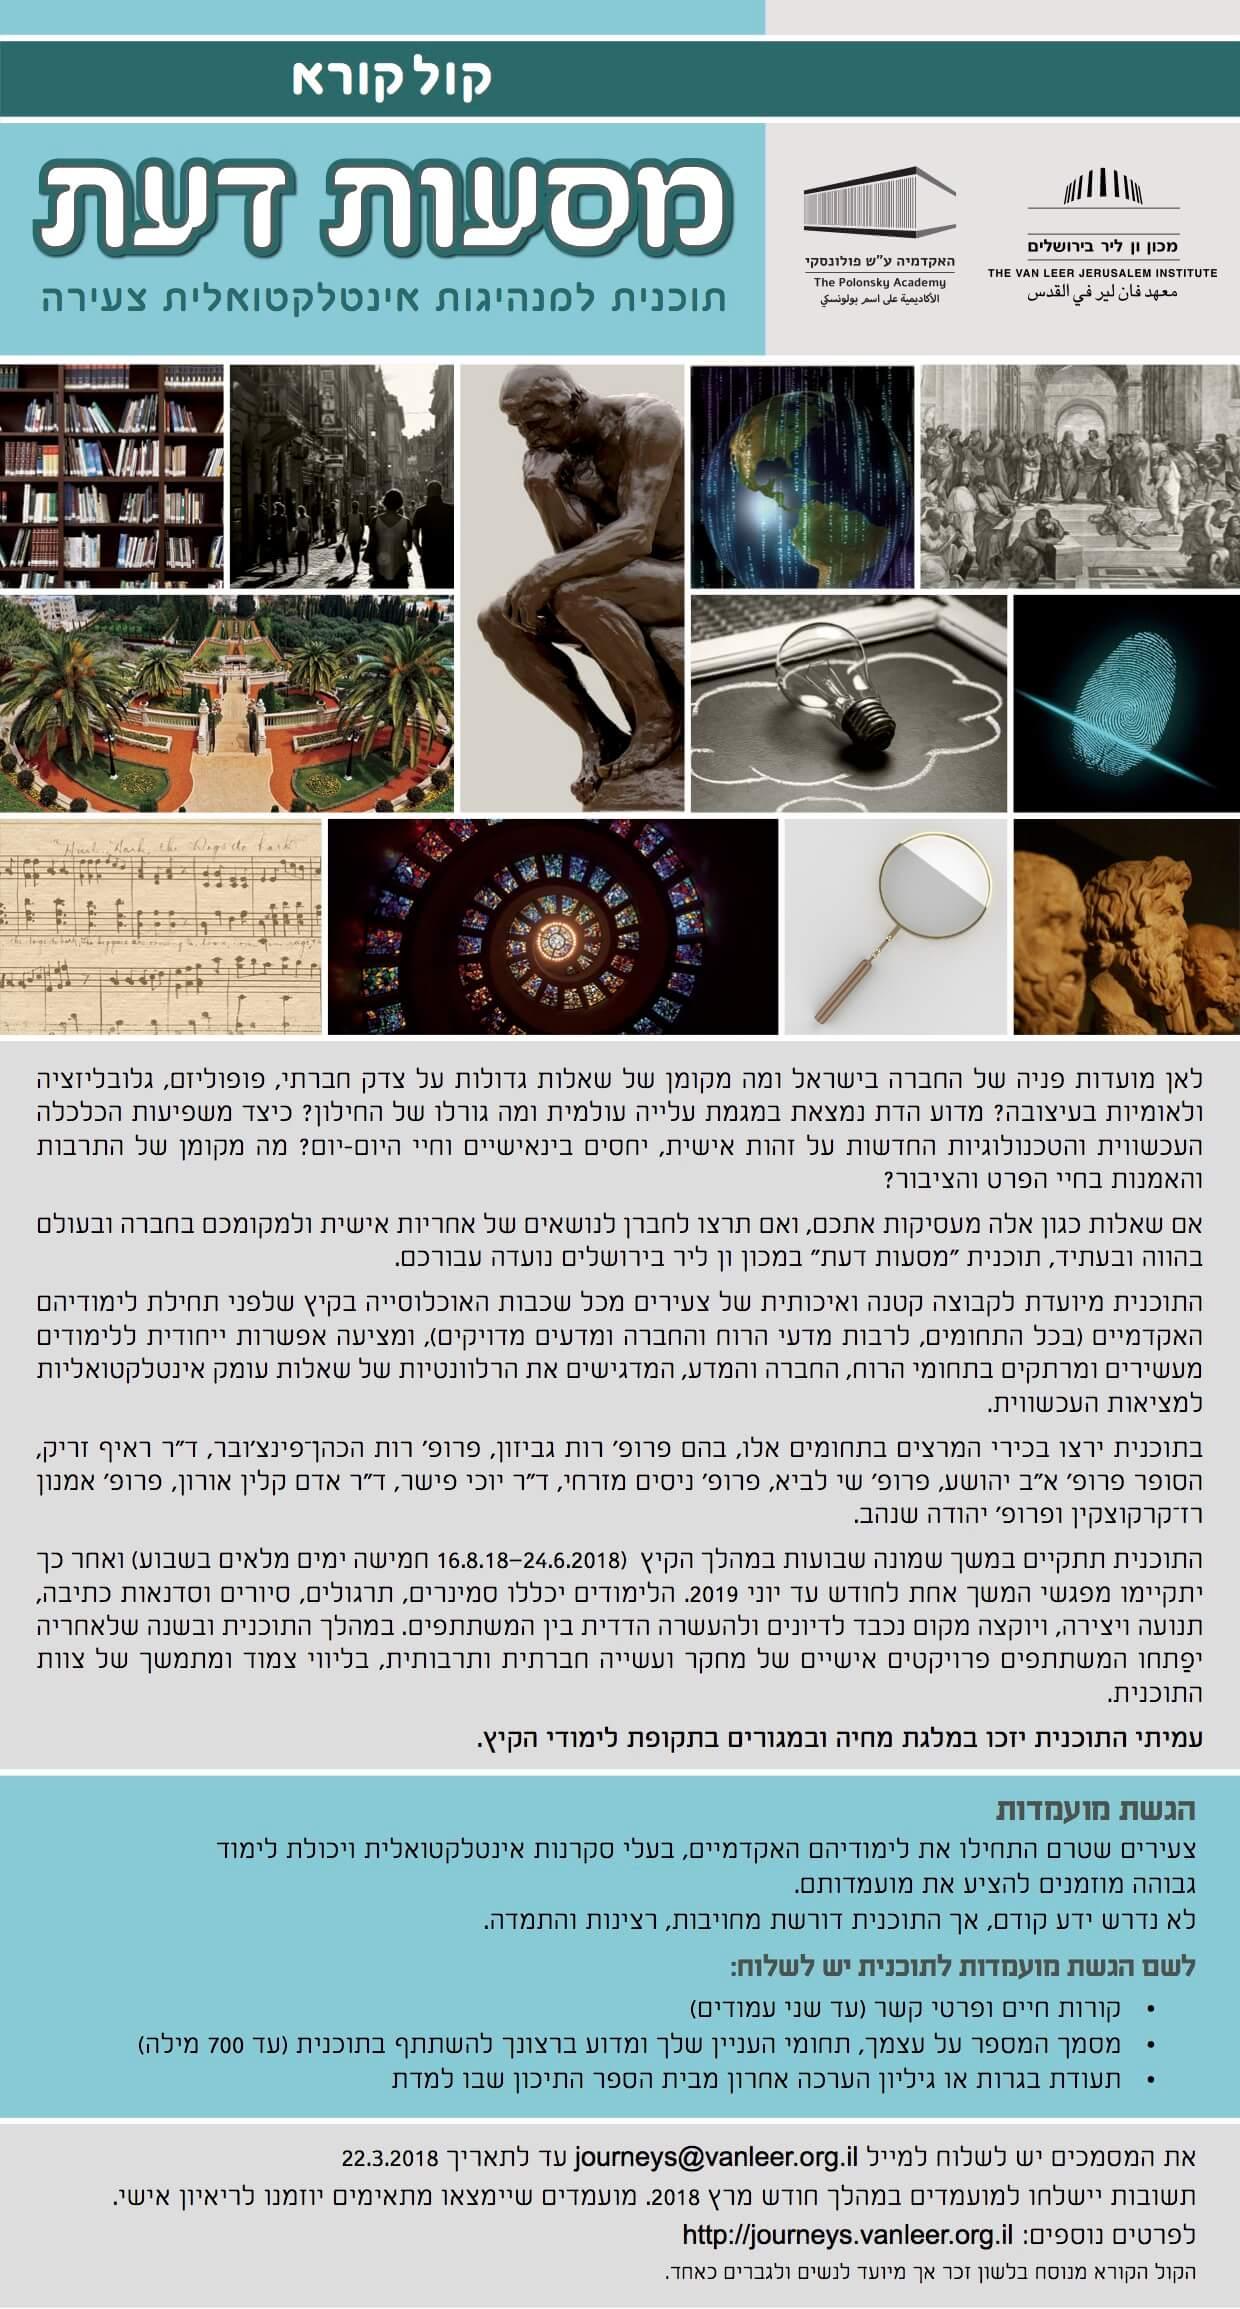 קול קורא - מסעות דעת - במכון ון ליר בירושלים